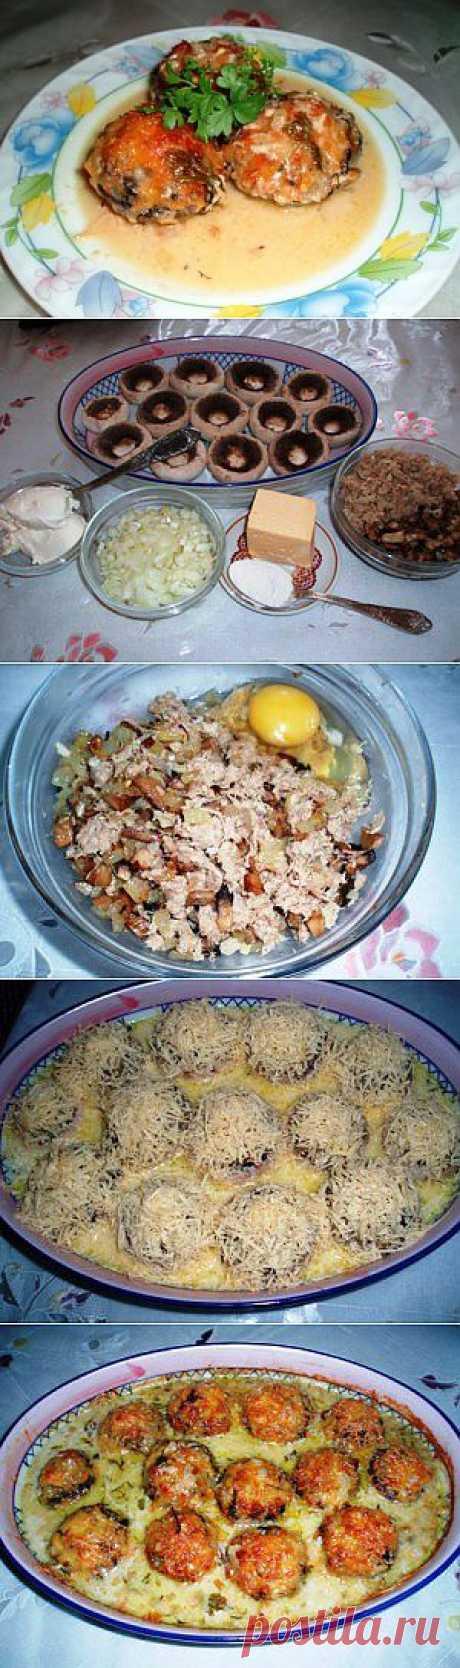 грибы фаршированные | Домашняя еда